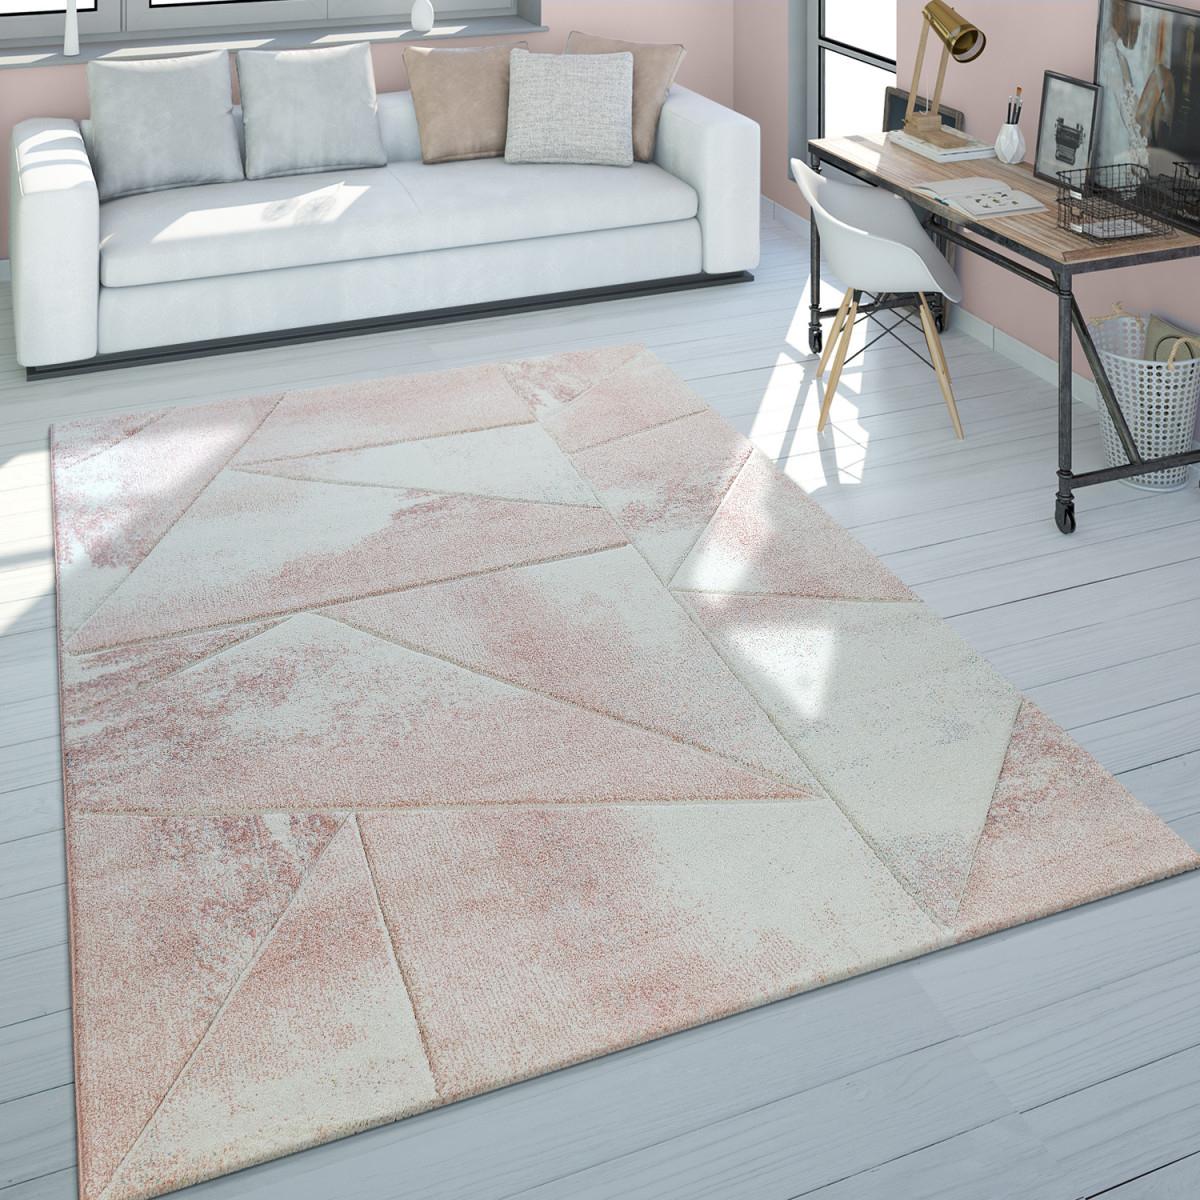 Details Zu Teppich Wohnzimmer Rosa Kurzflor Pastellfarben Marmor Design  Meliert 3D Muster von Wohnzimmer Teppich Grau Rosa Bild